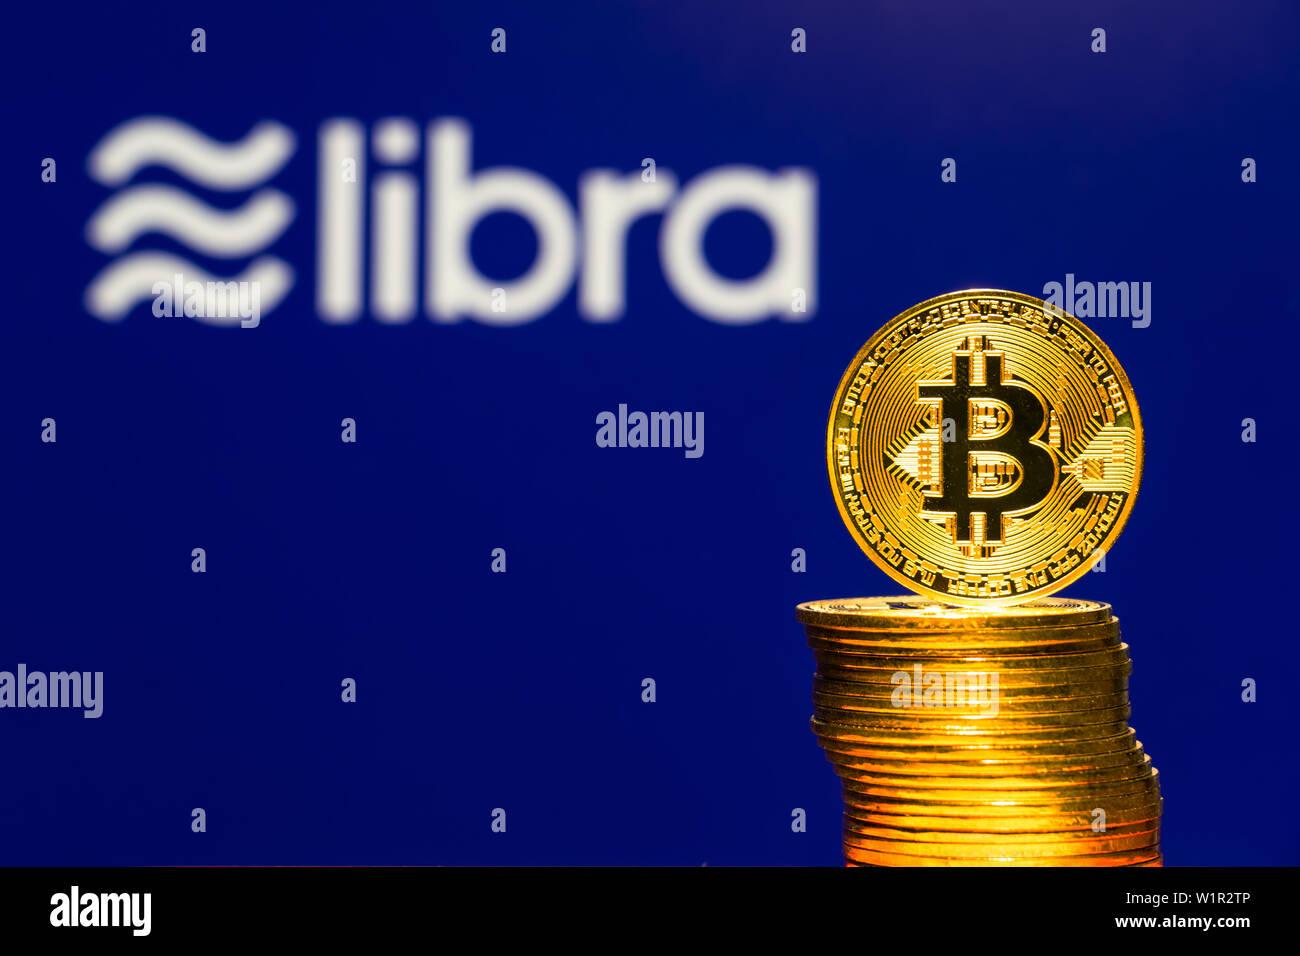 Gold Bitcoin Coins with the Facebook Libra Crypto Coin logo on